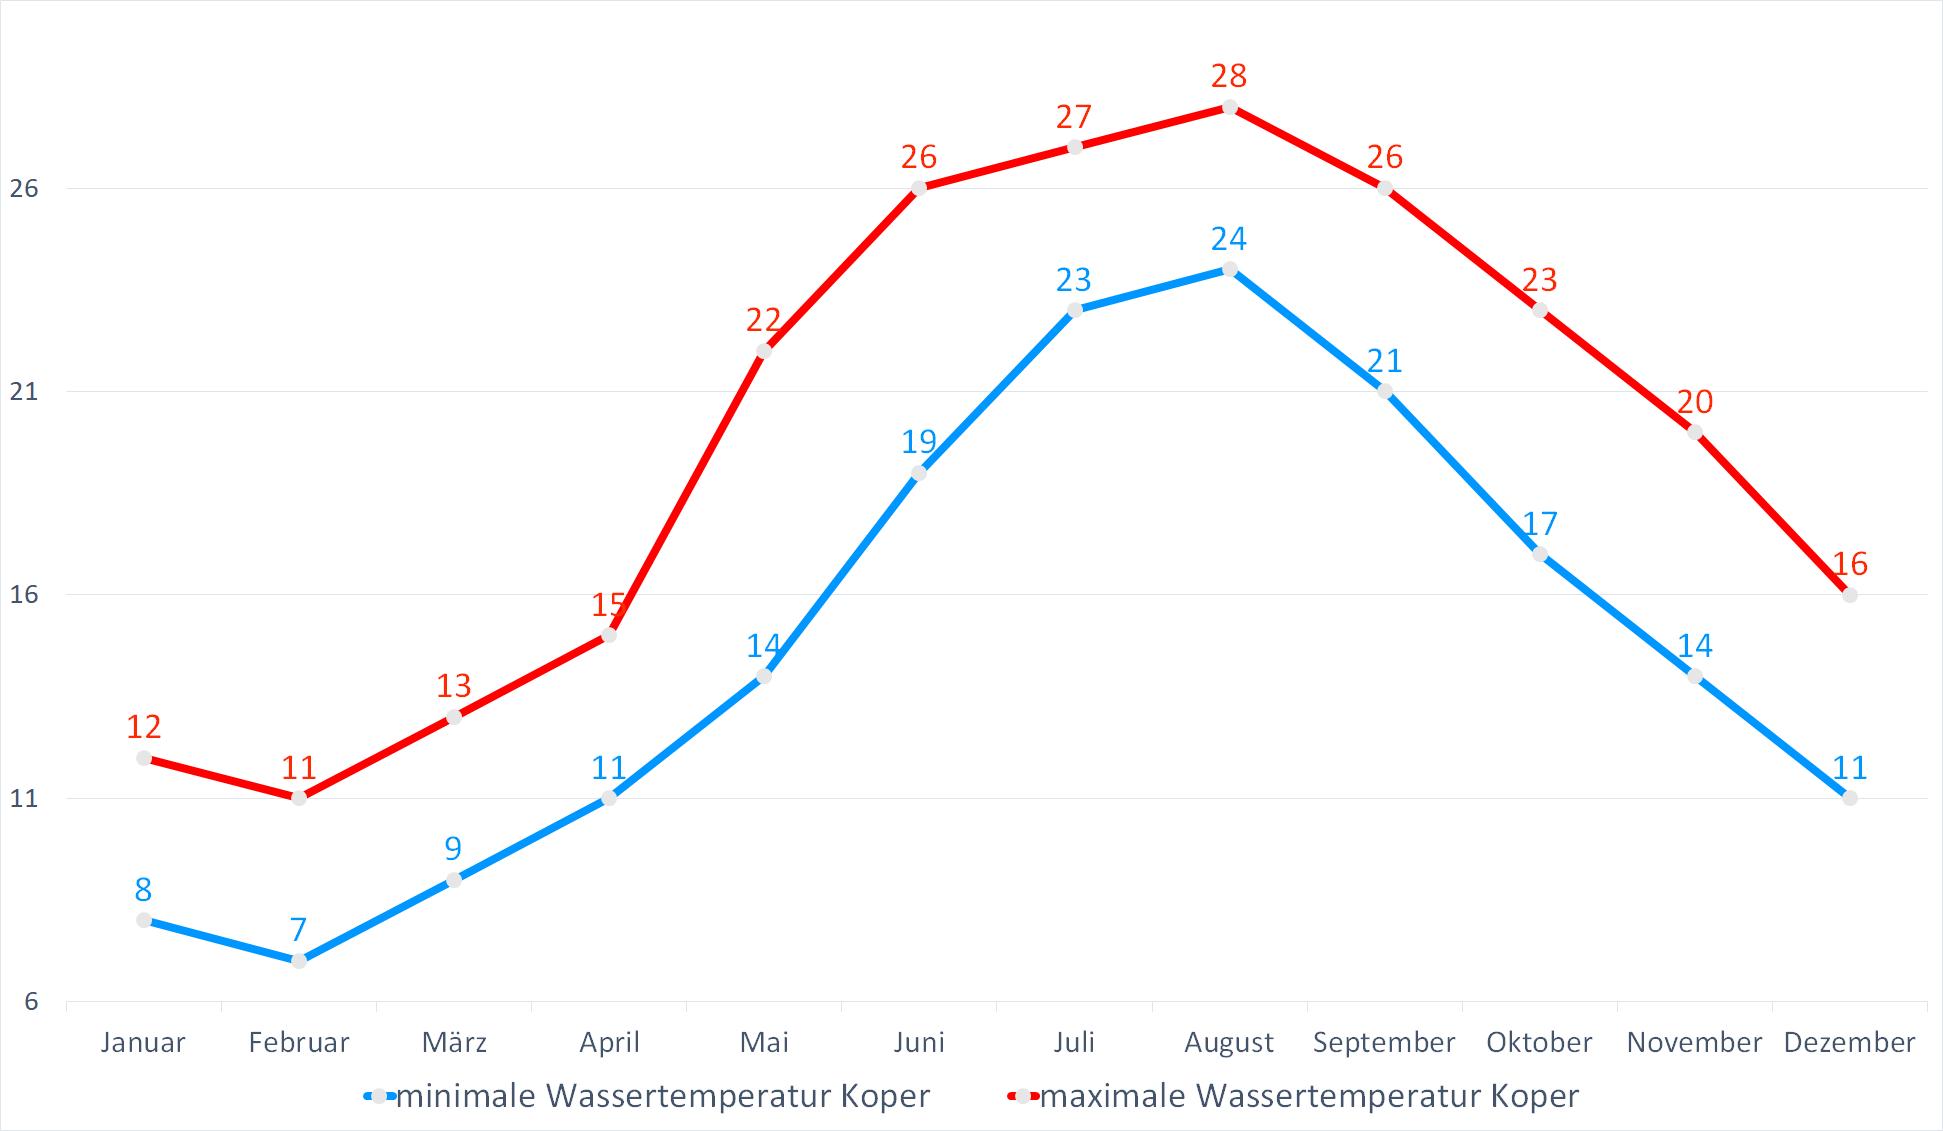 Minimale & Maximale Wassertemperaturen für Koper im Jahresverlauf